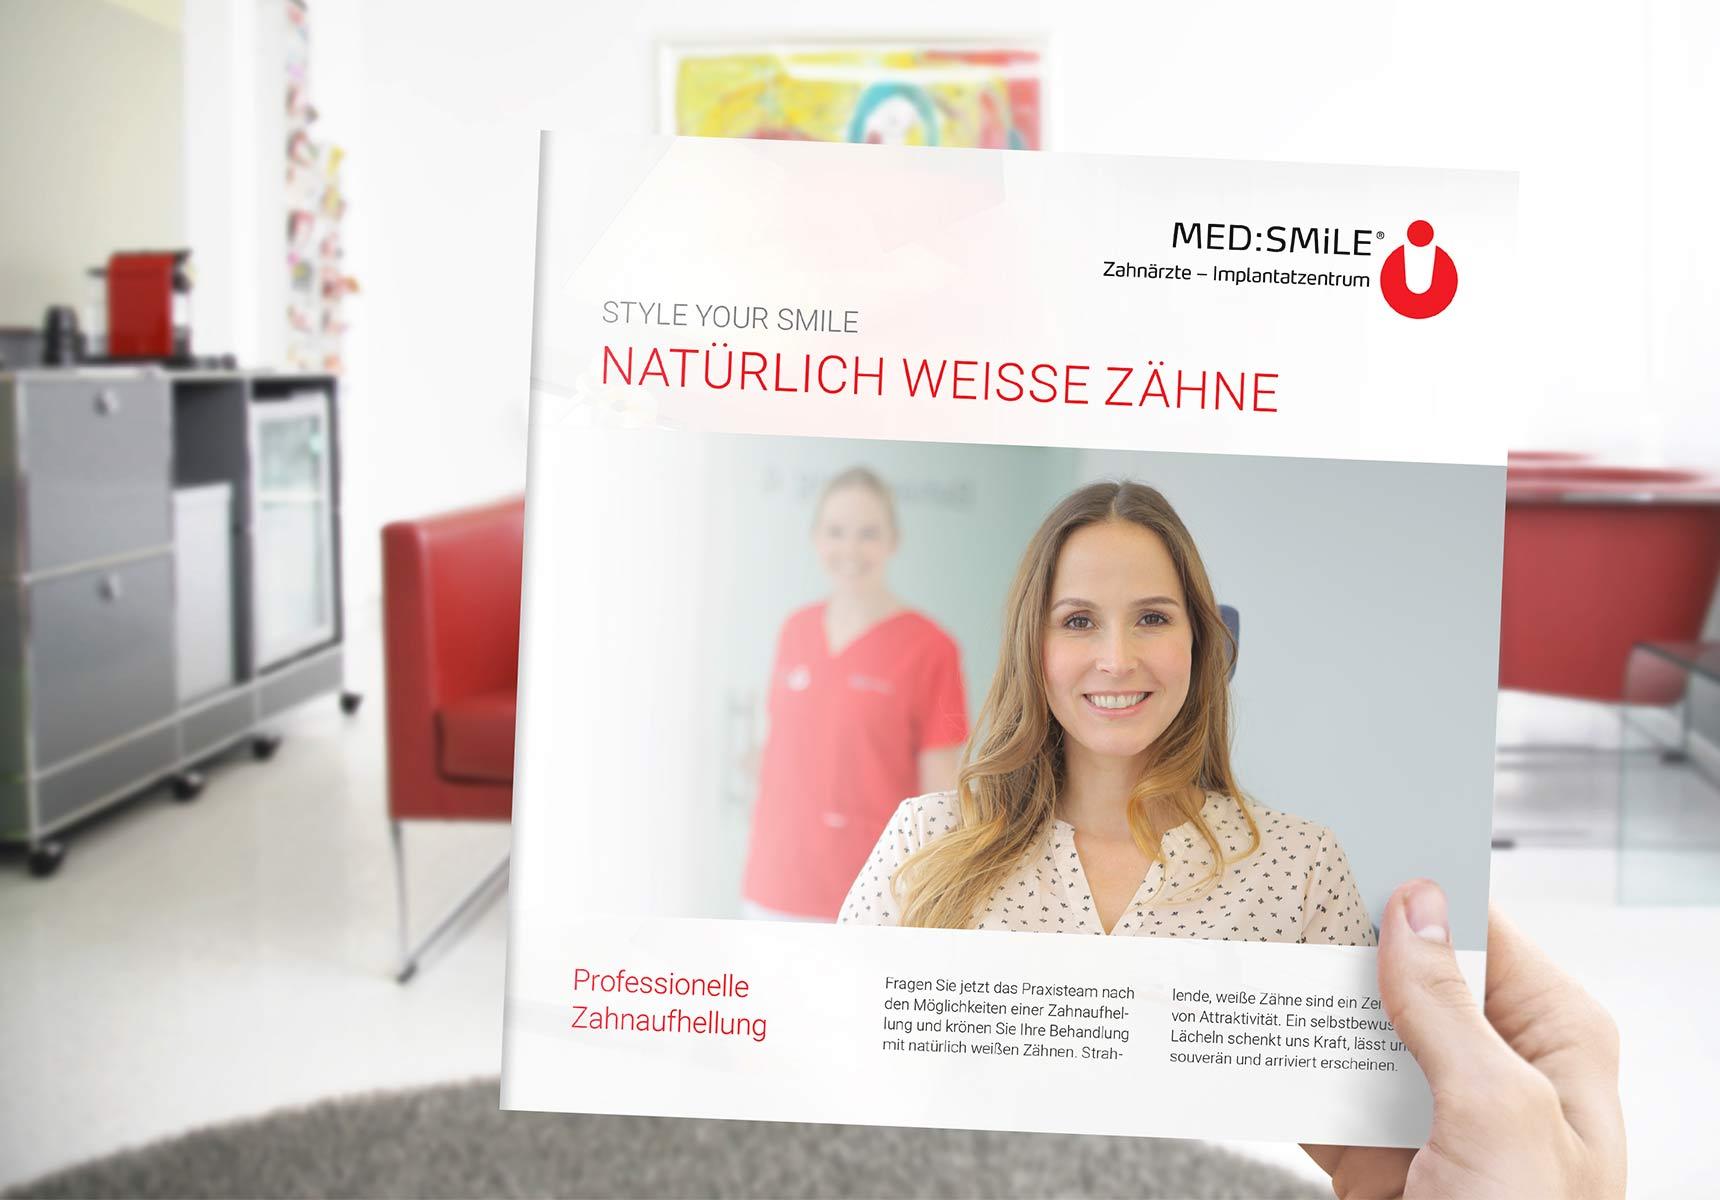 lr praxismarketing medsmile zahnarzt broschure bleaching 3 - Langenstein & Reichenthaler - Agentur für Praxismarketing